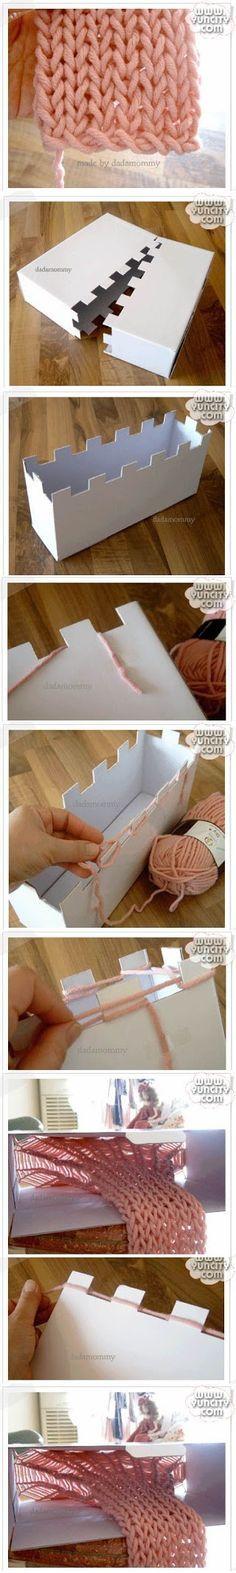 Circular knitting without needles! ❥Teresa Restegui http://www.pinterest.com/teretegui/❥